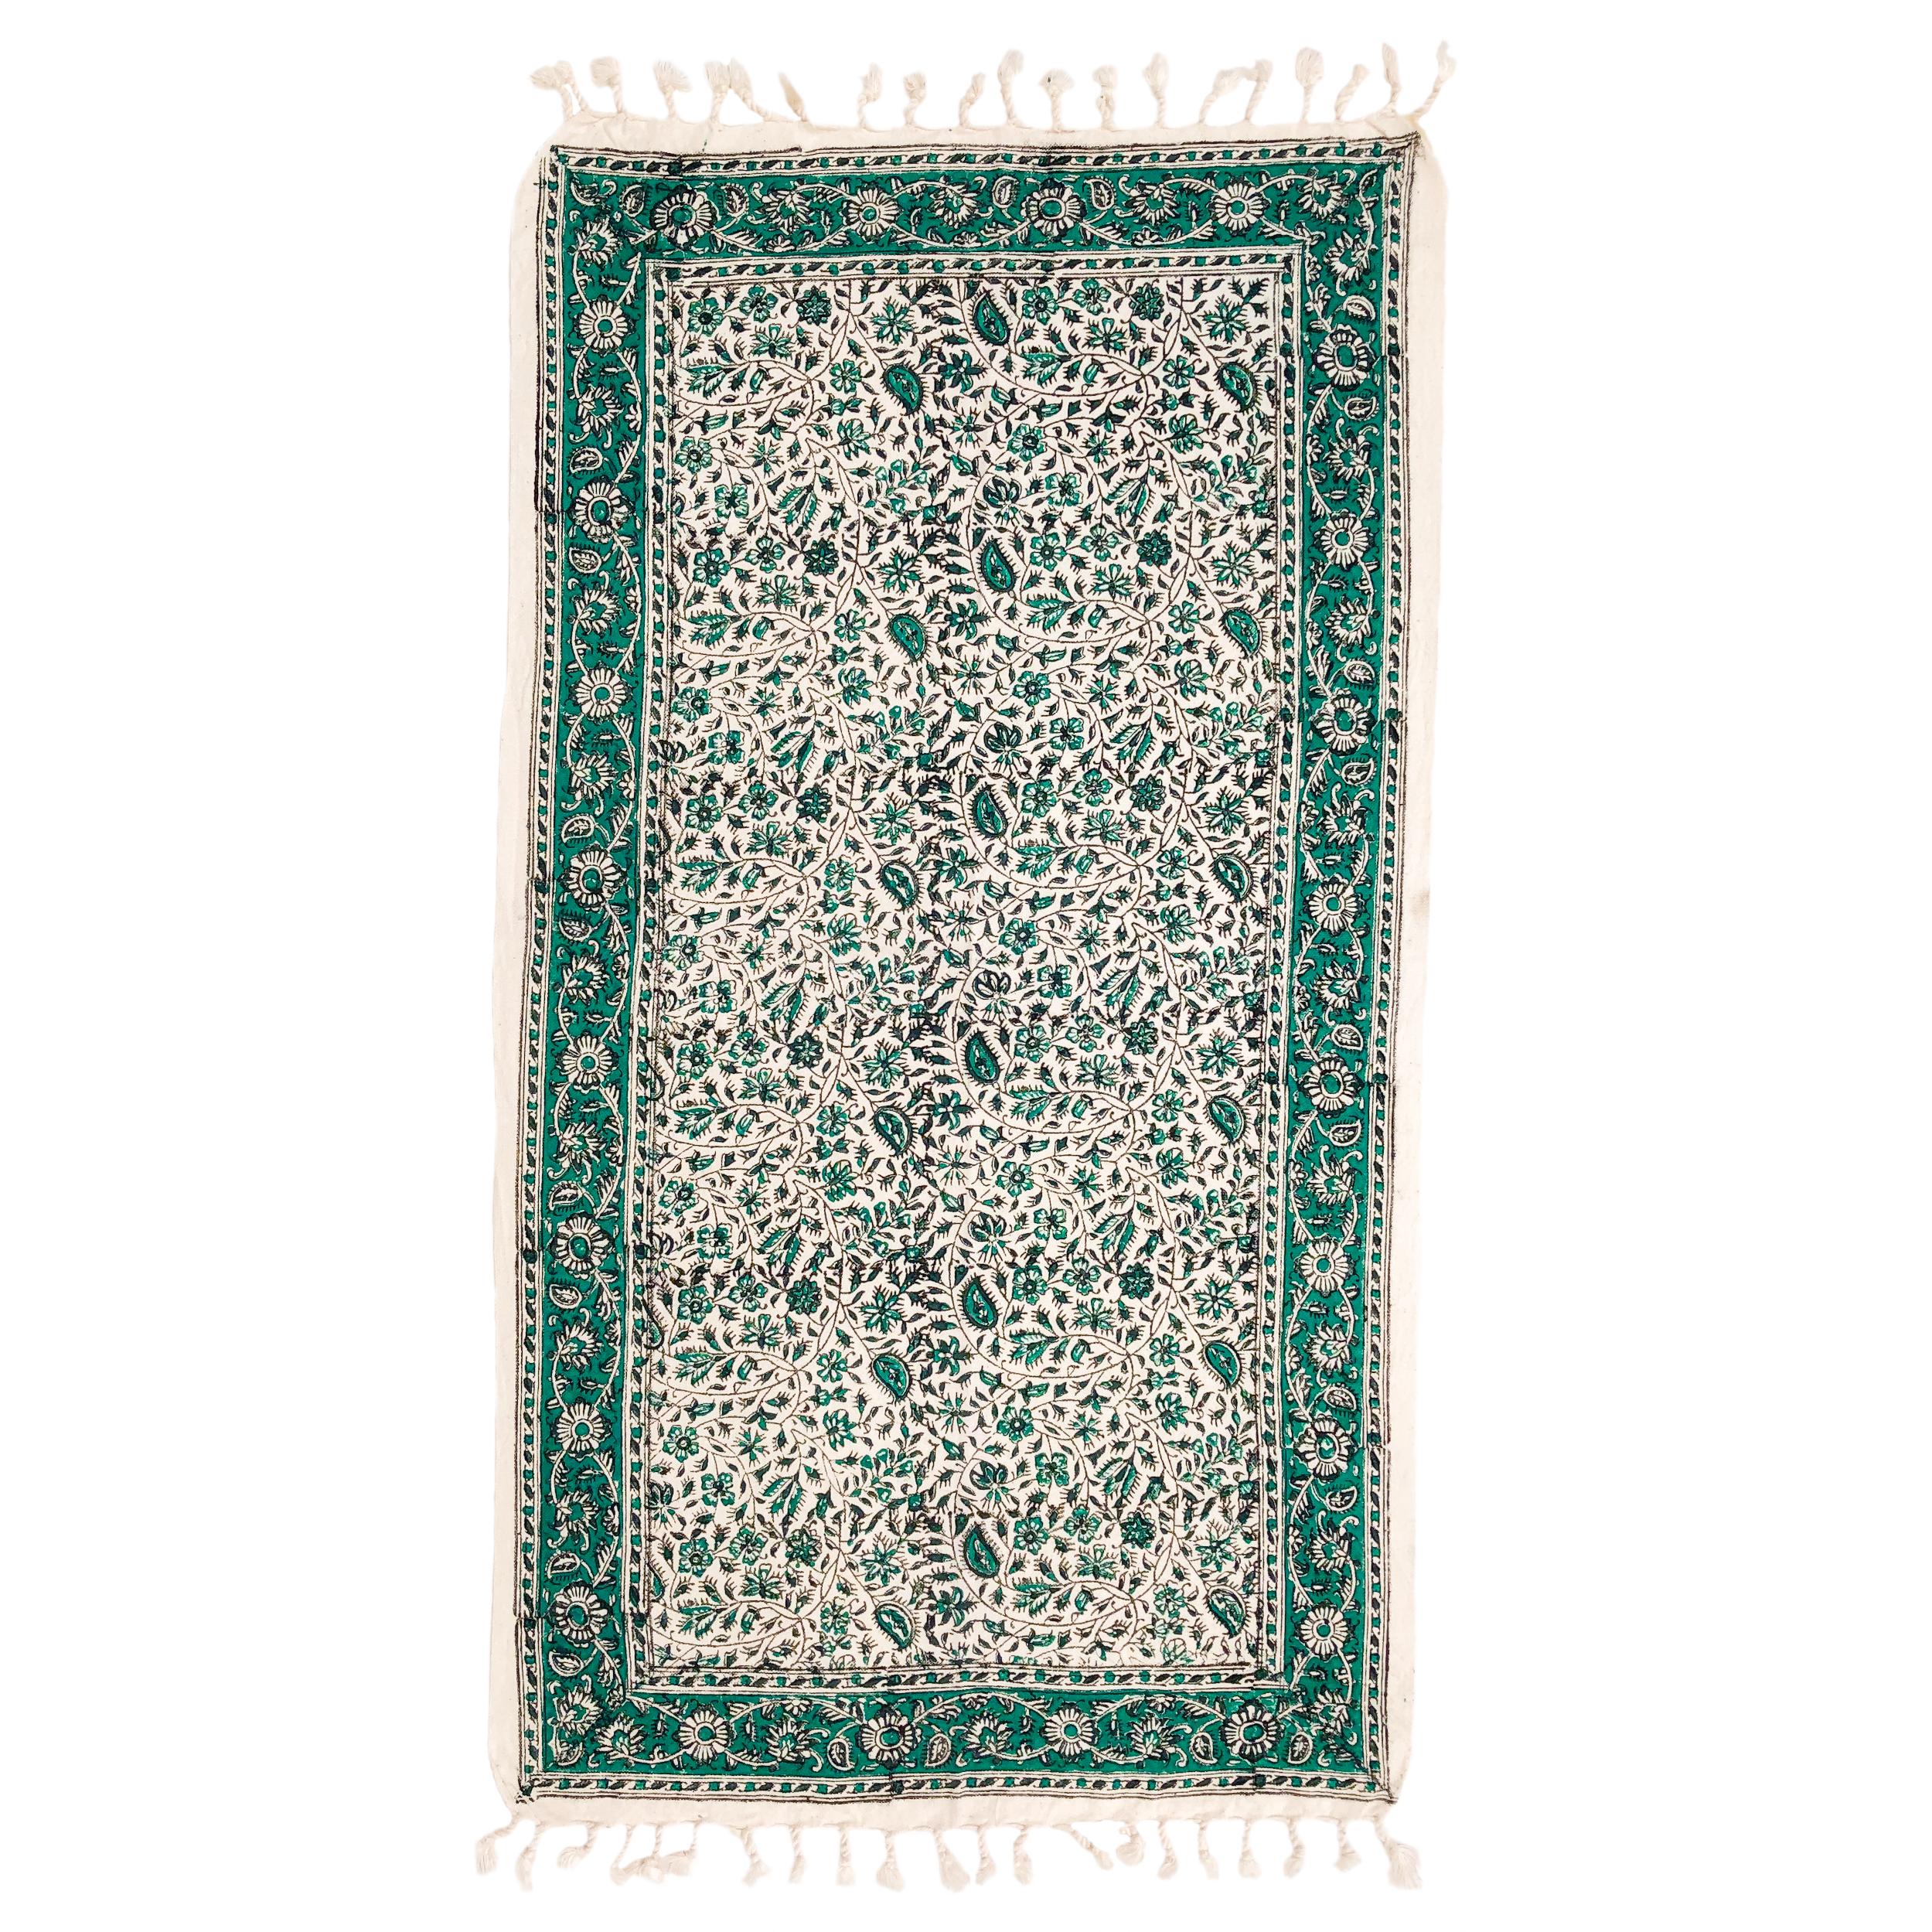 رومیزی قلمكار ممتاز اصفهان اثر عطريان طرح درهم بادامي مدل G60 سايز 100*50 سانتي متر